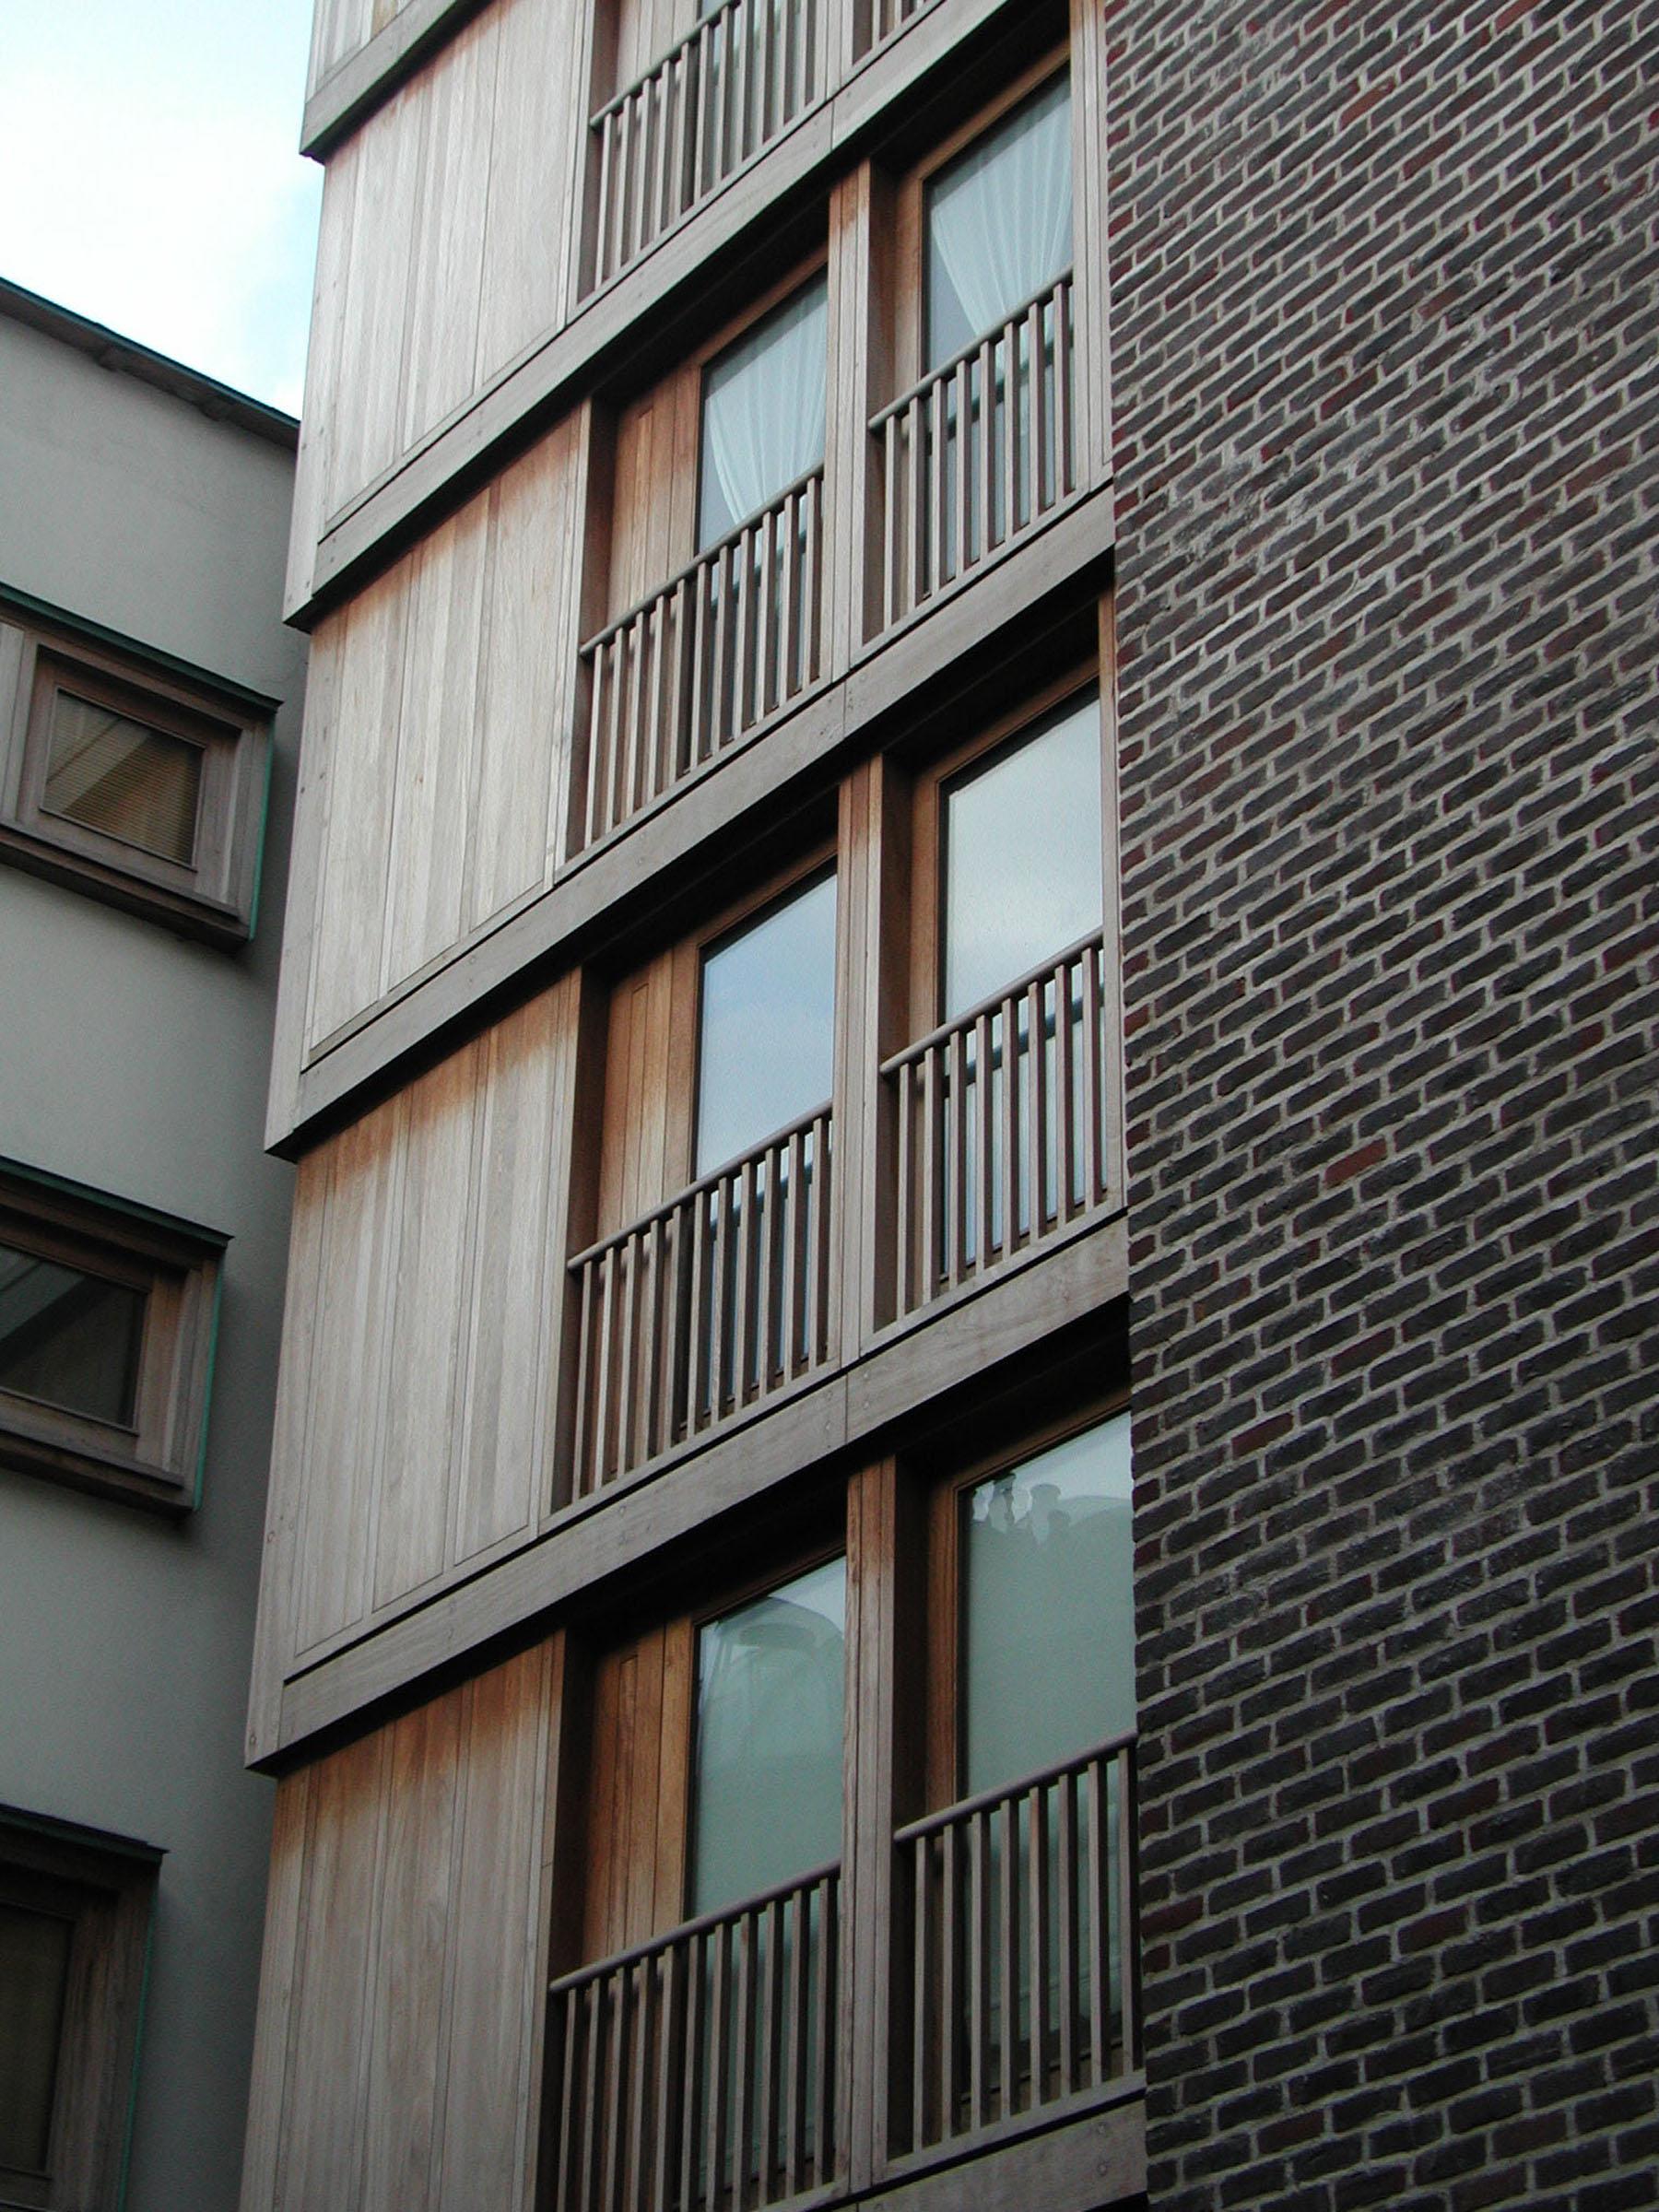 Wooden Building 1JPG